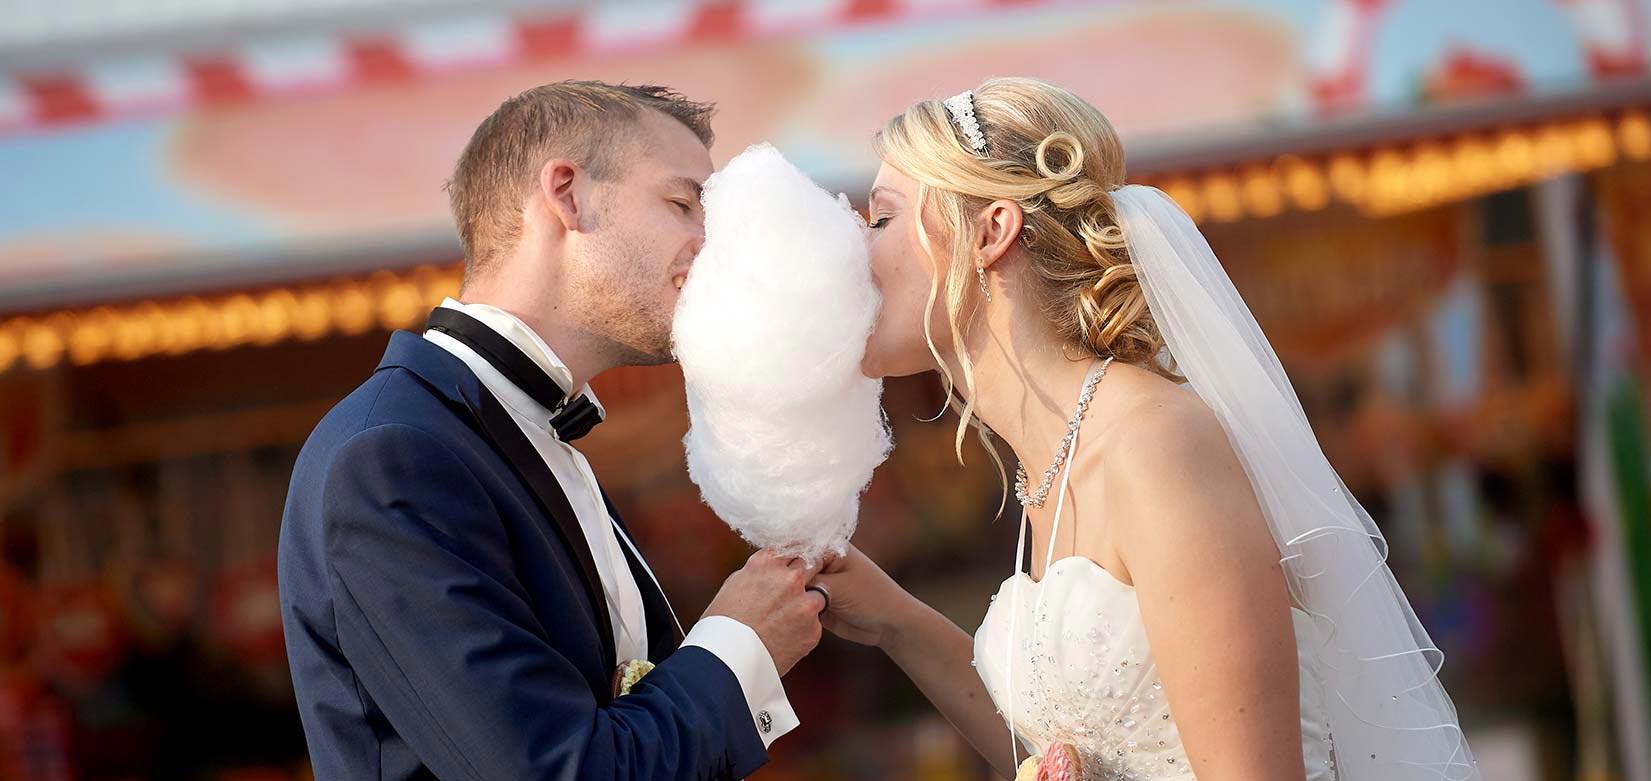 Hochzeitsfotos – Brautpaar mit Zuckerwatte auf Kirmes in Staudt